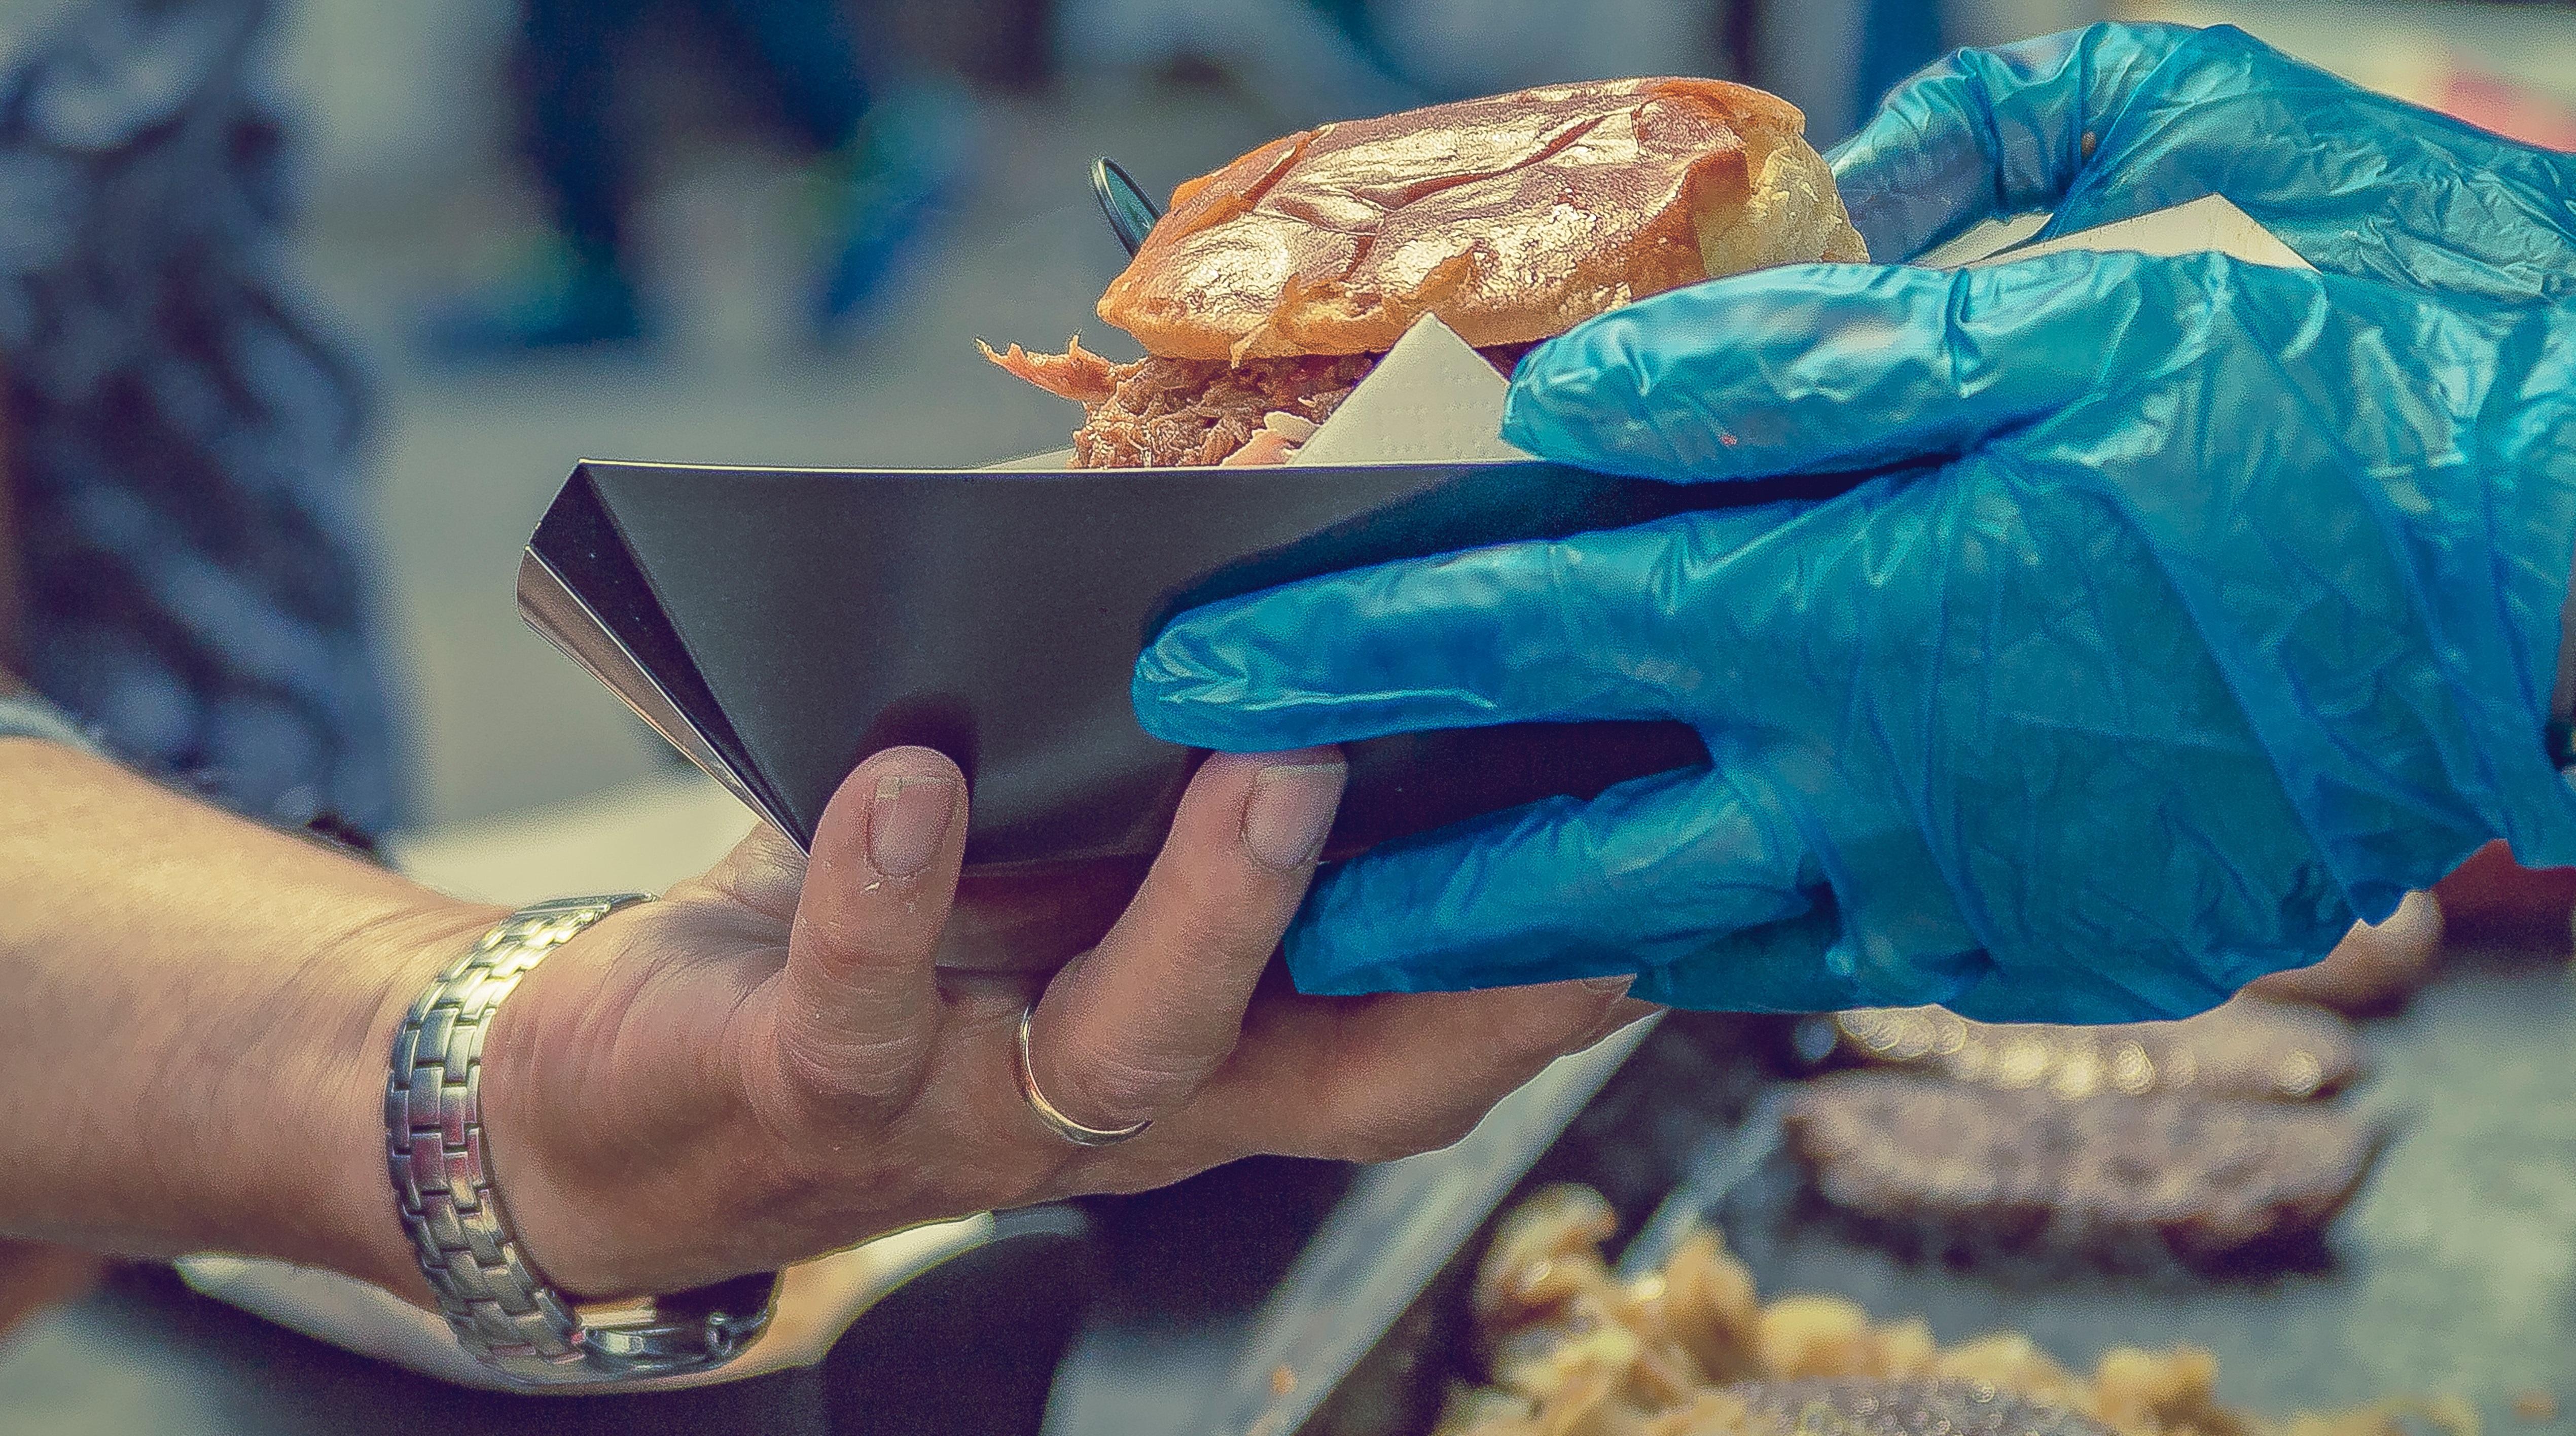 imagem de uma mão com luvas entregando um hambúrguer -  - ISO 22000 - Saúde e segurança de alimentos e Segurança Alimentar